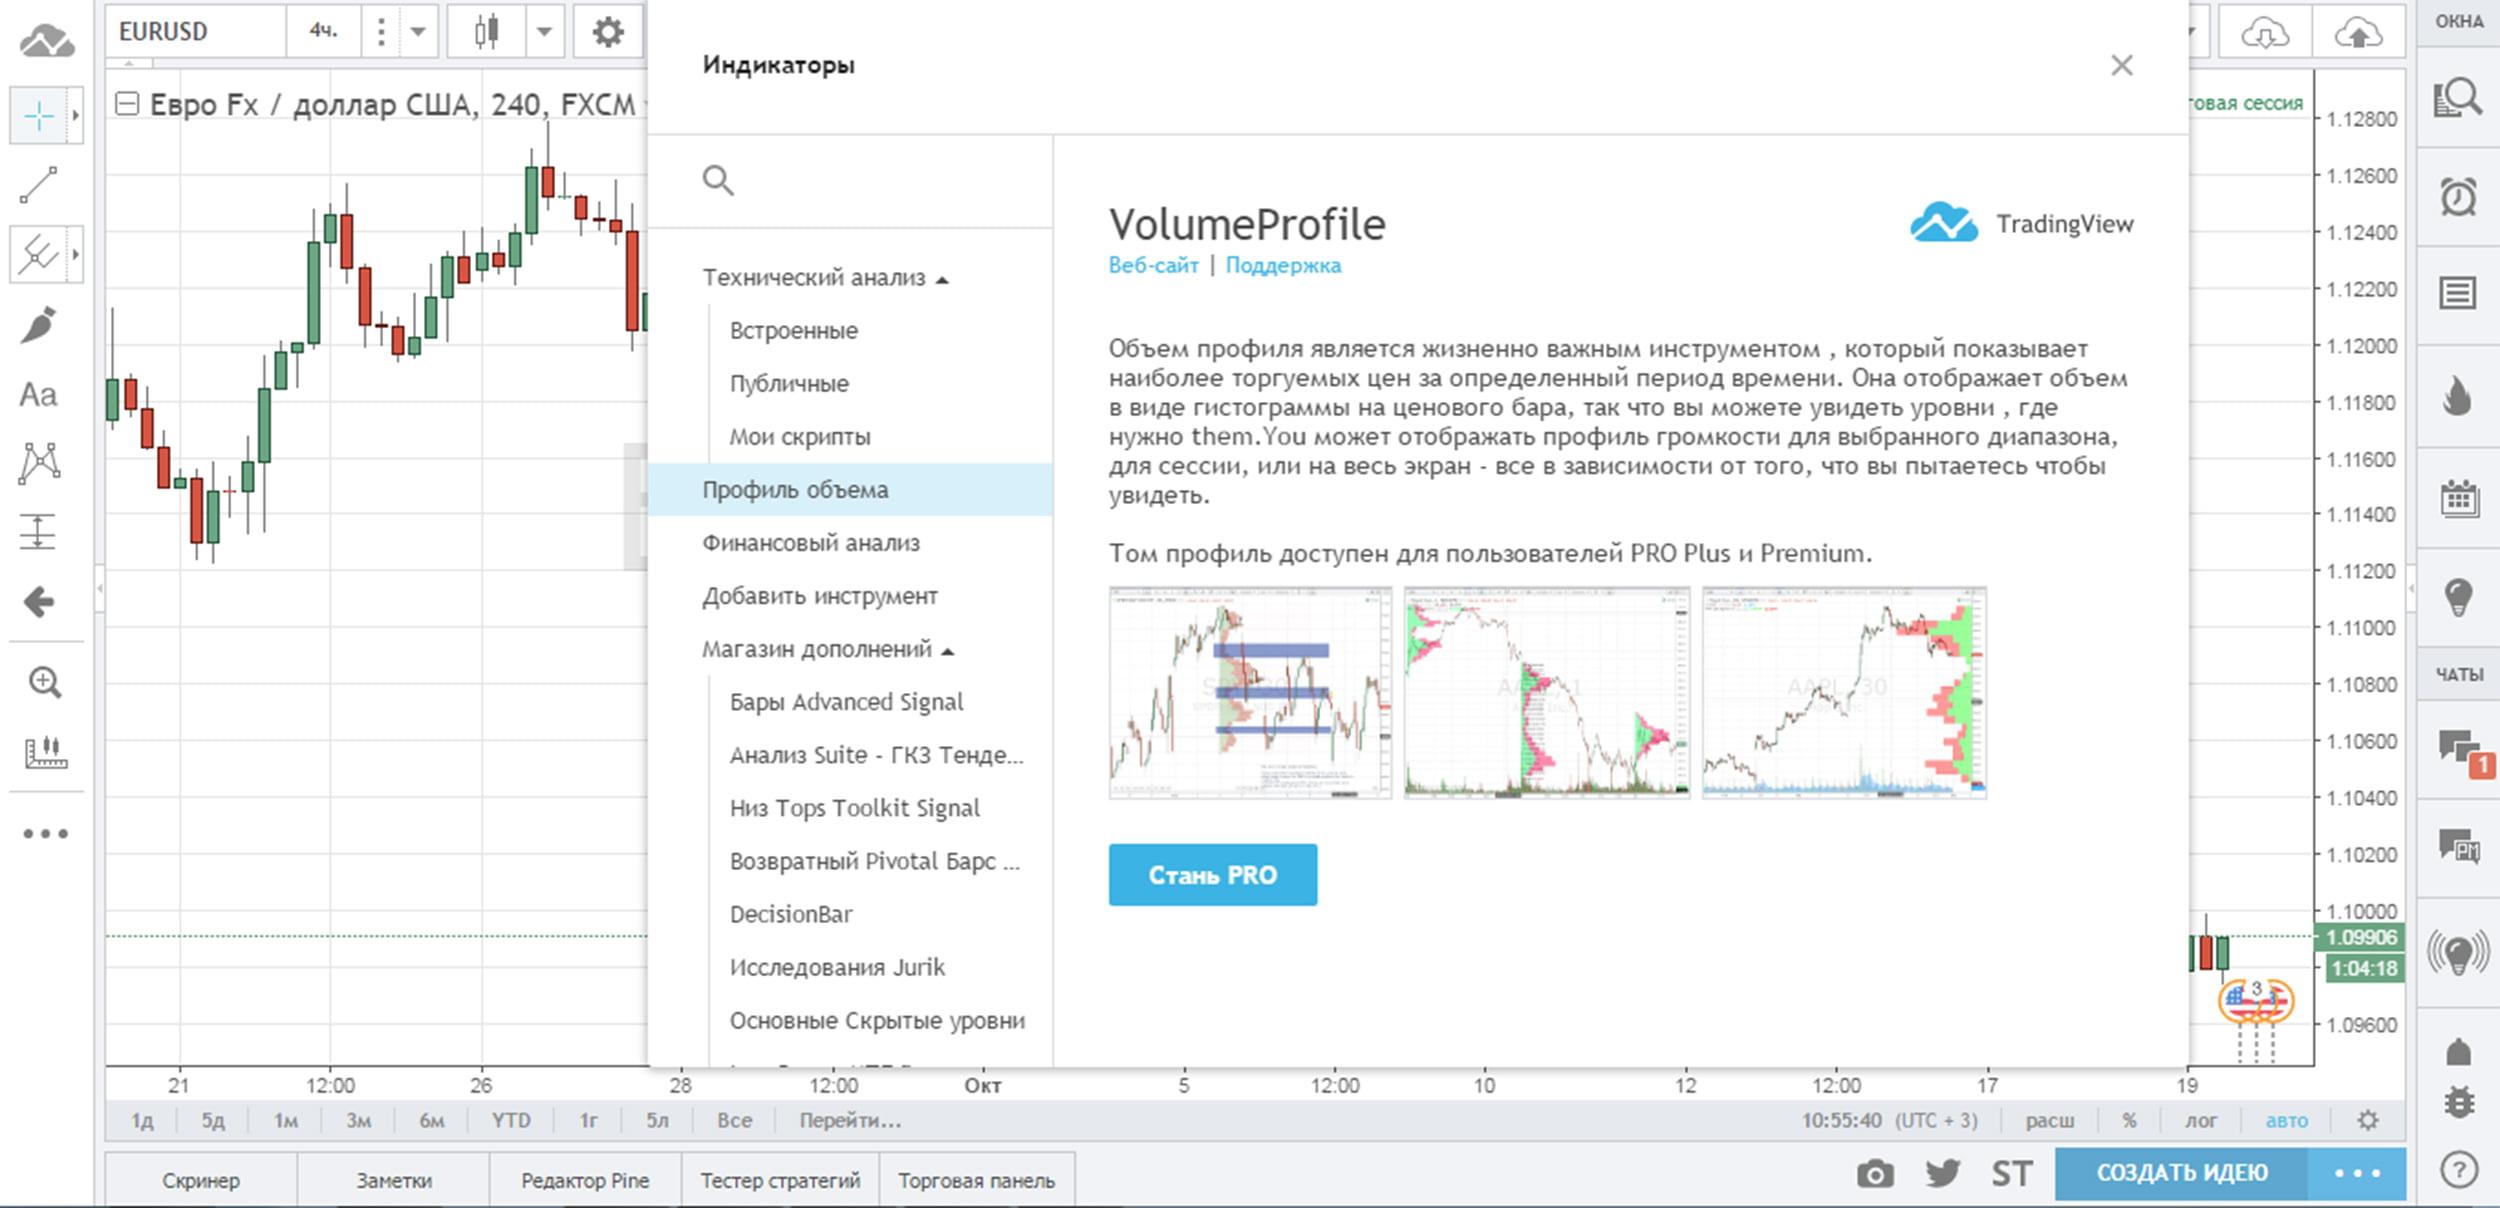 PRO версия на графике Tradingview